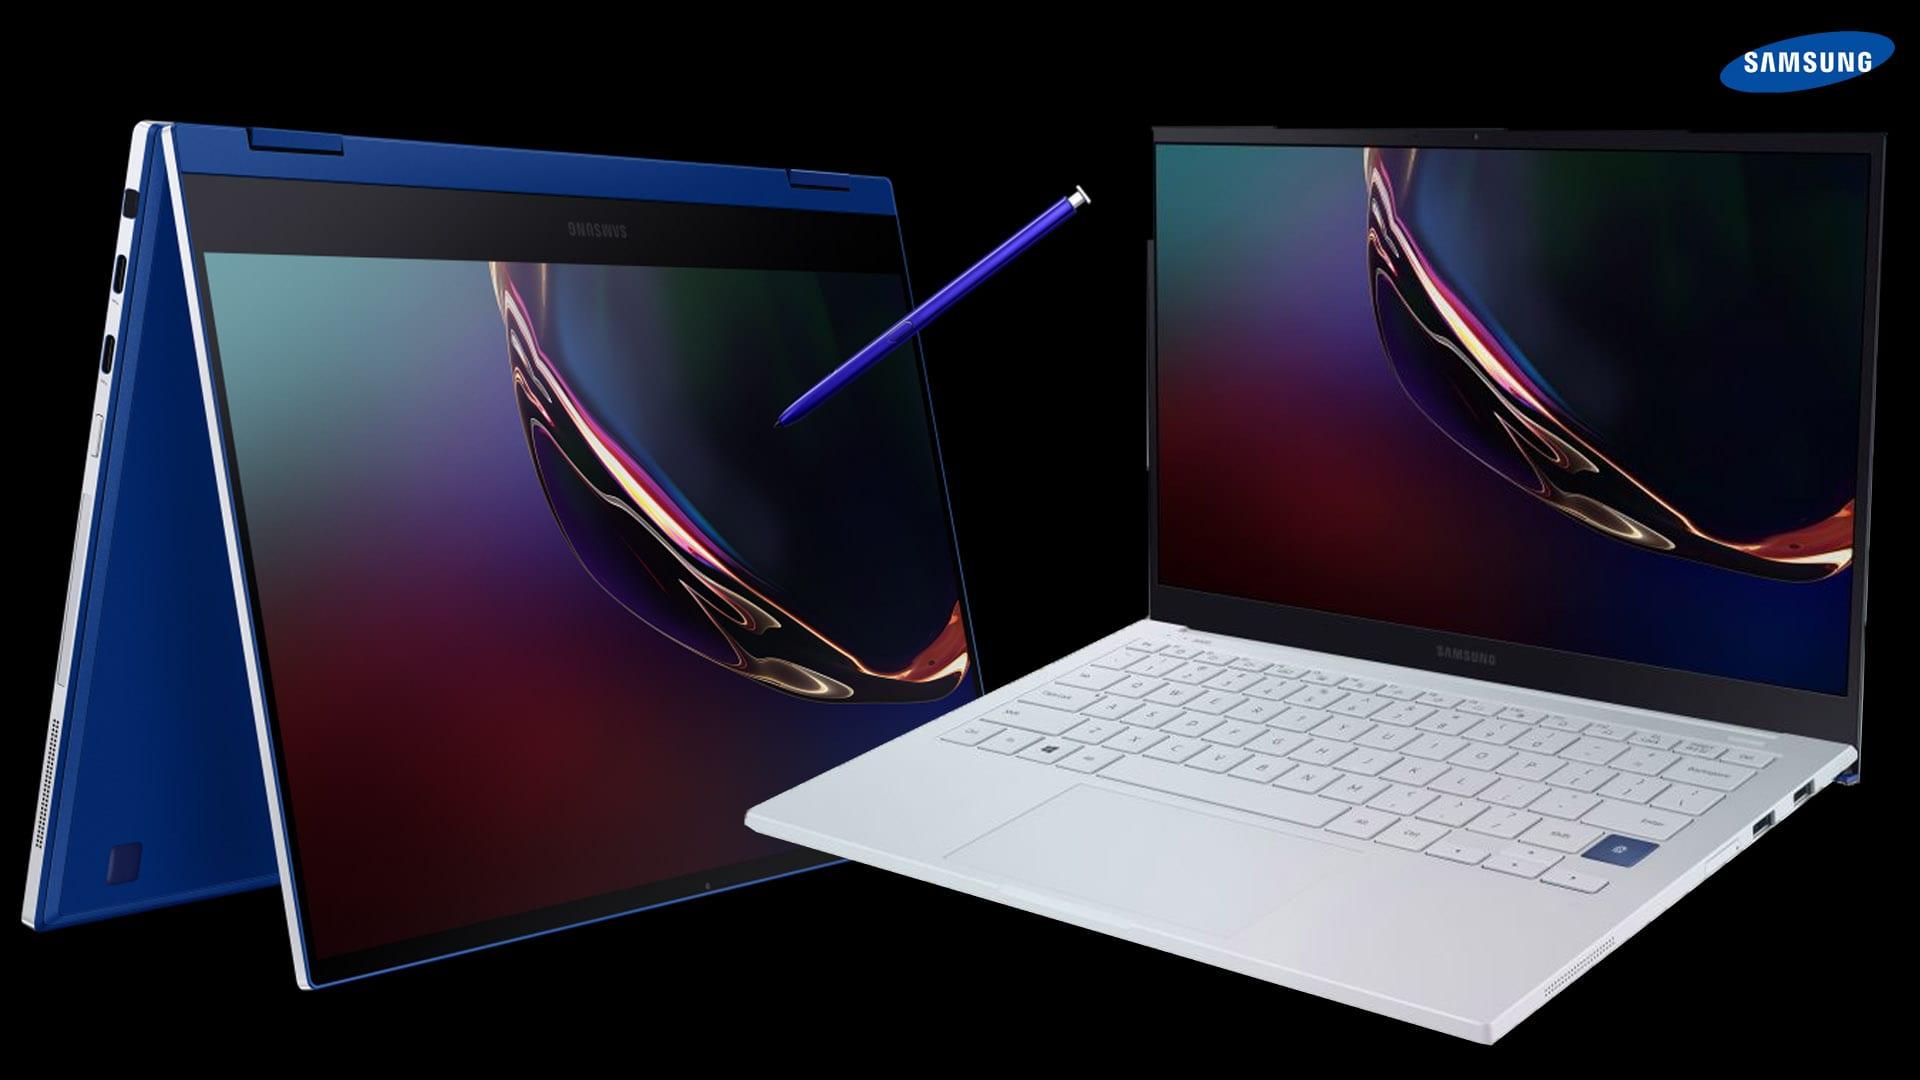 شركة Samsung تكشف رسمياً عن الحاسوبين اللوحيين Galaxy Book Flex و Galaxy Book Ion